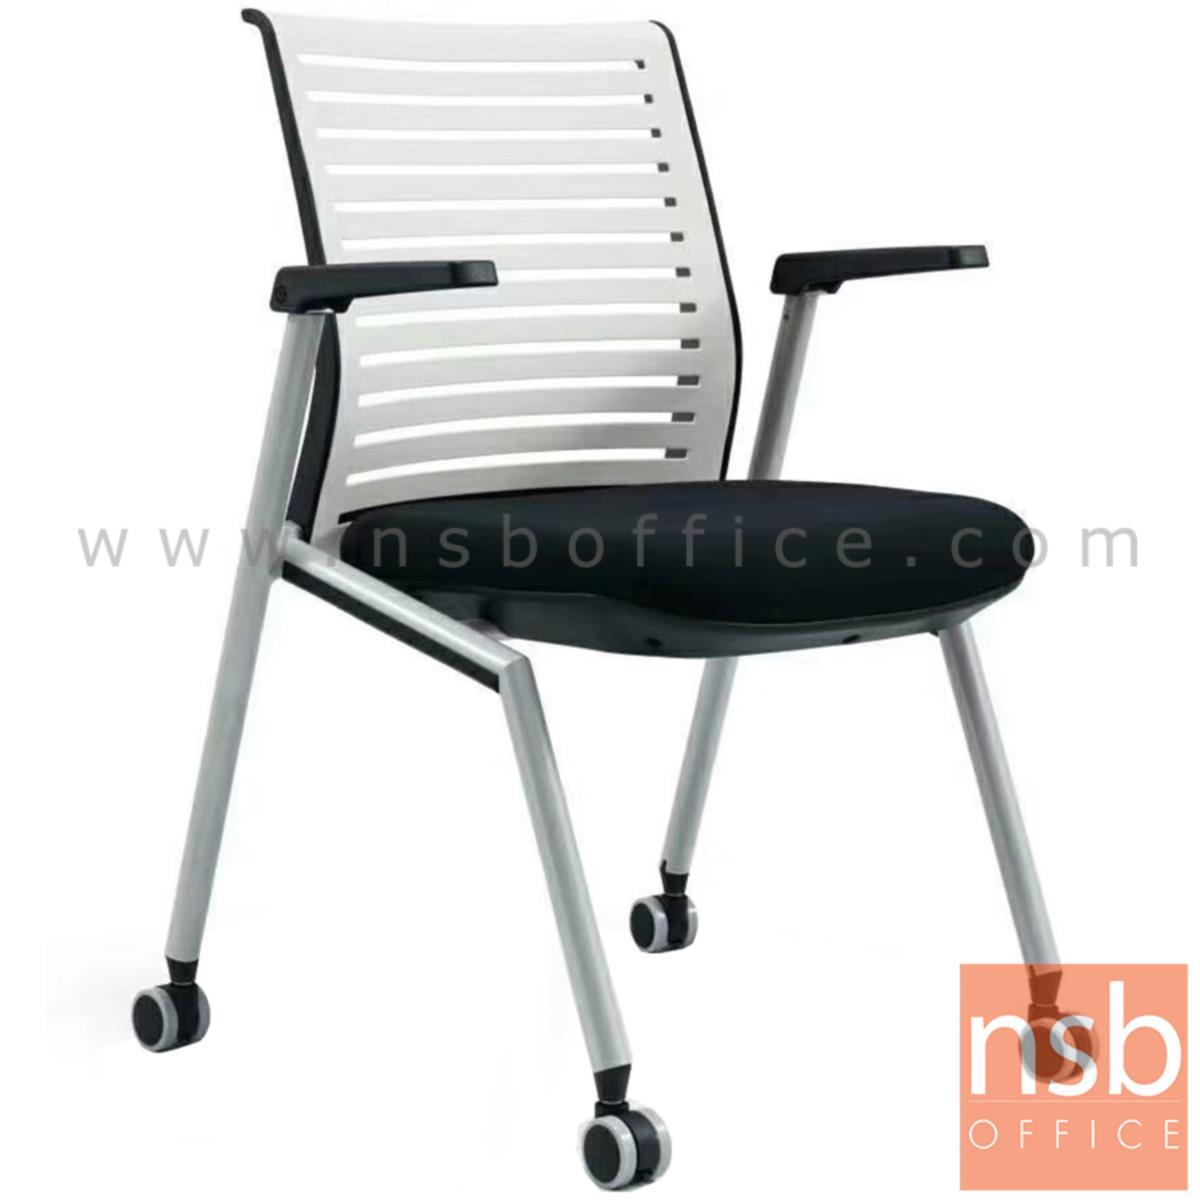 B05A176:เก้าอี้อเนกประสงค์ รุ่น ANAKIN-1 (อนาคิน-1)  ขาเหล็กพ่นสี